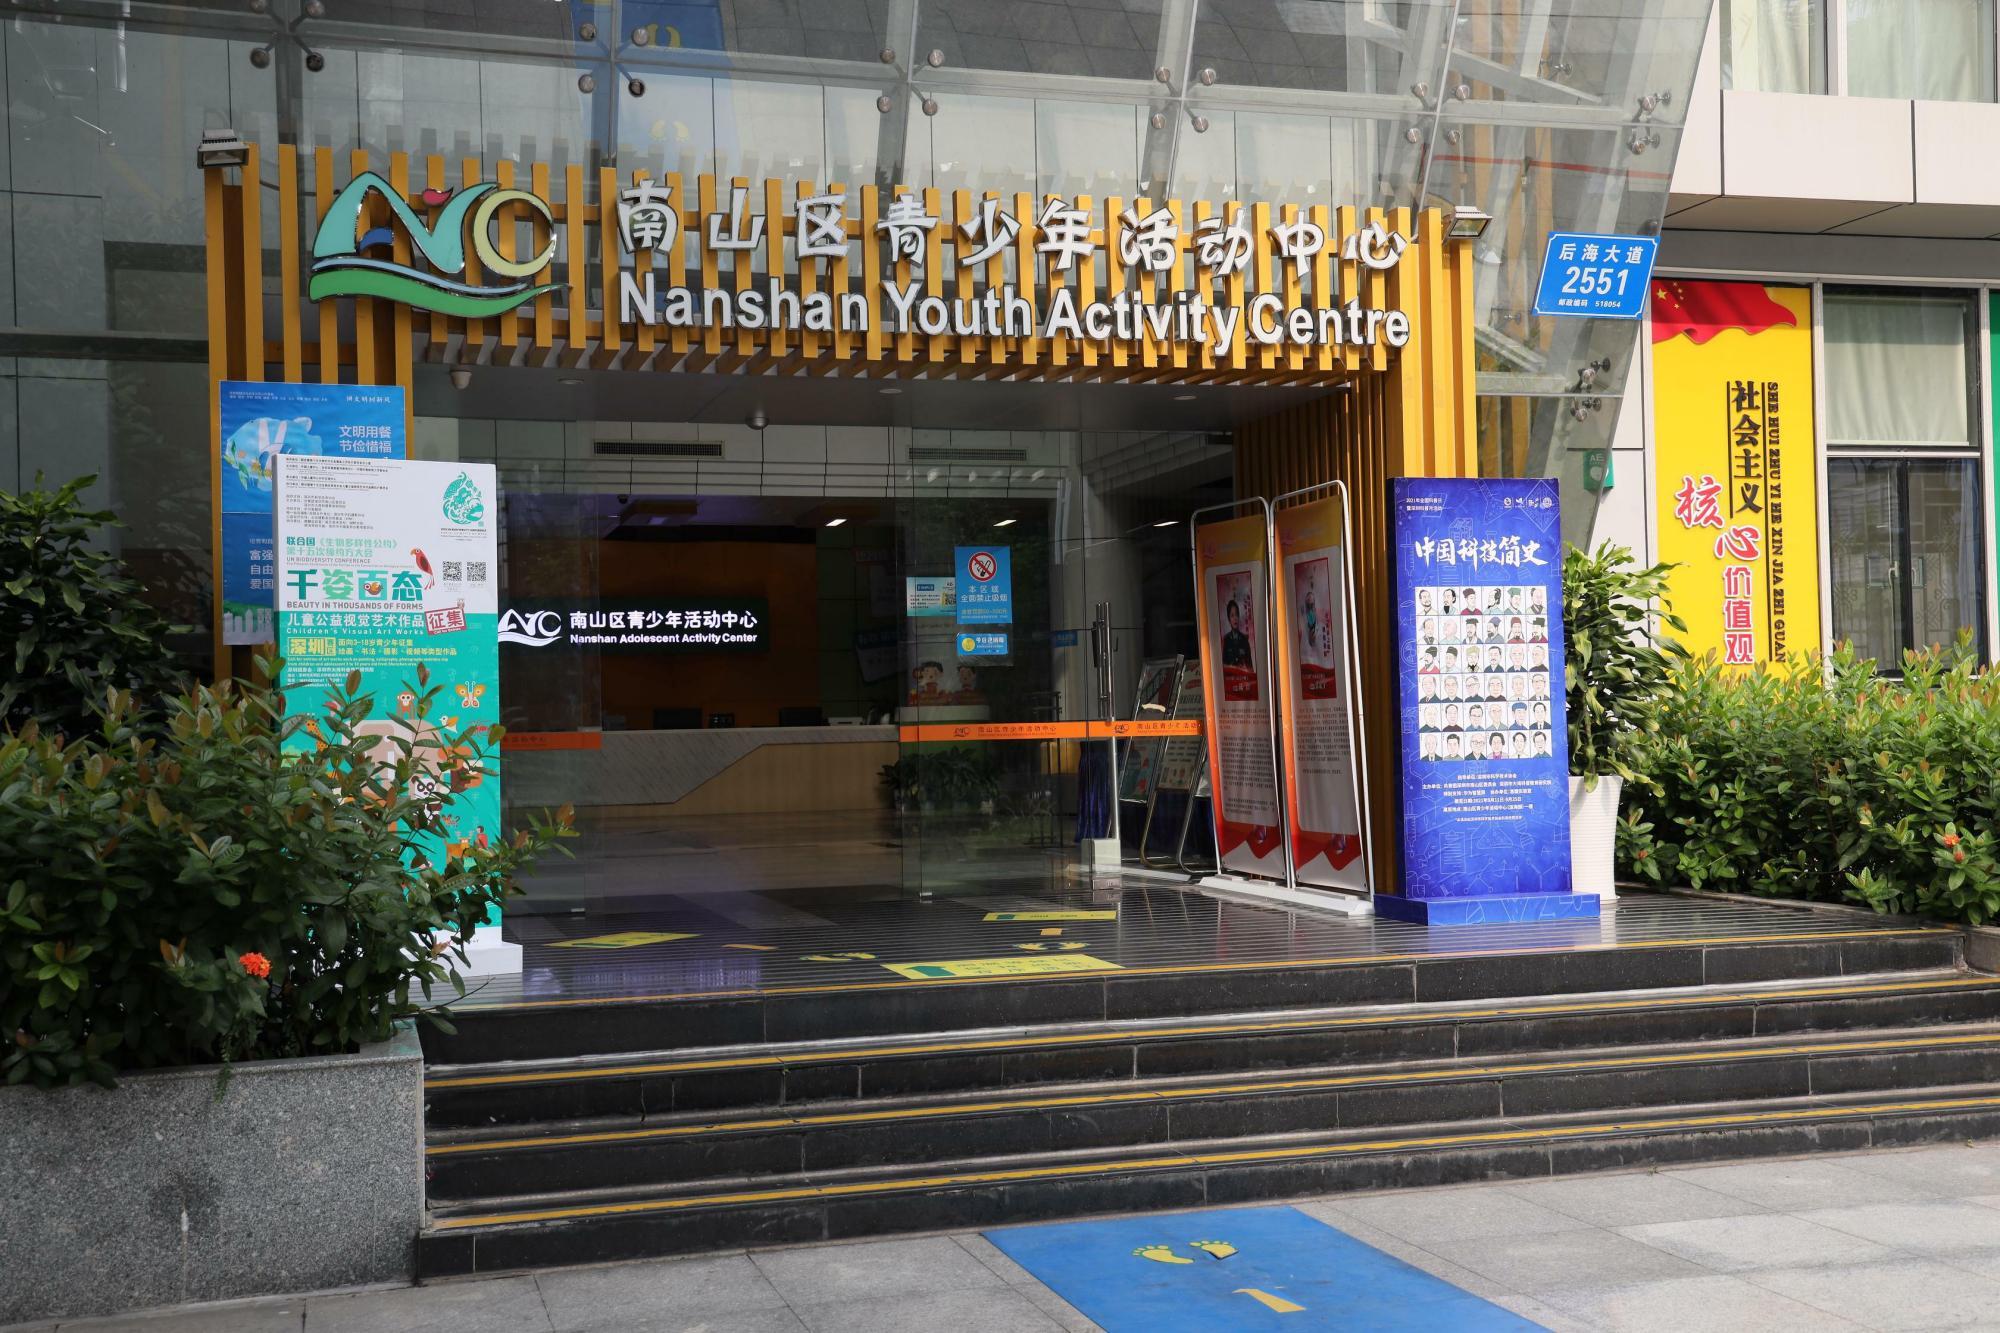 中国科技简史展览在深圳举办 鼓励青少年探索星辰大海